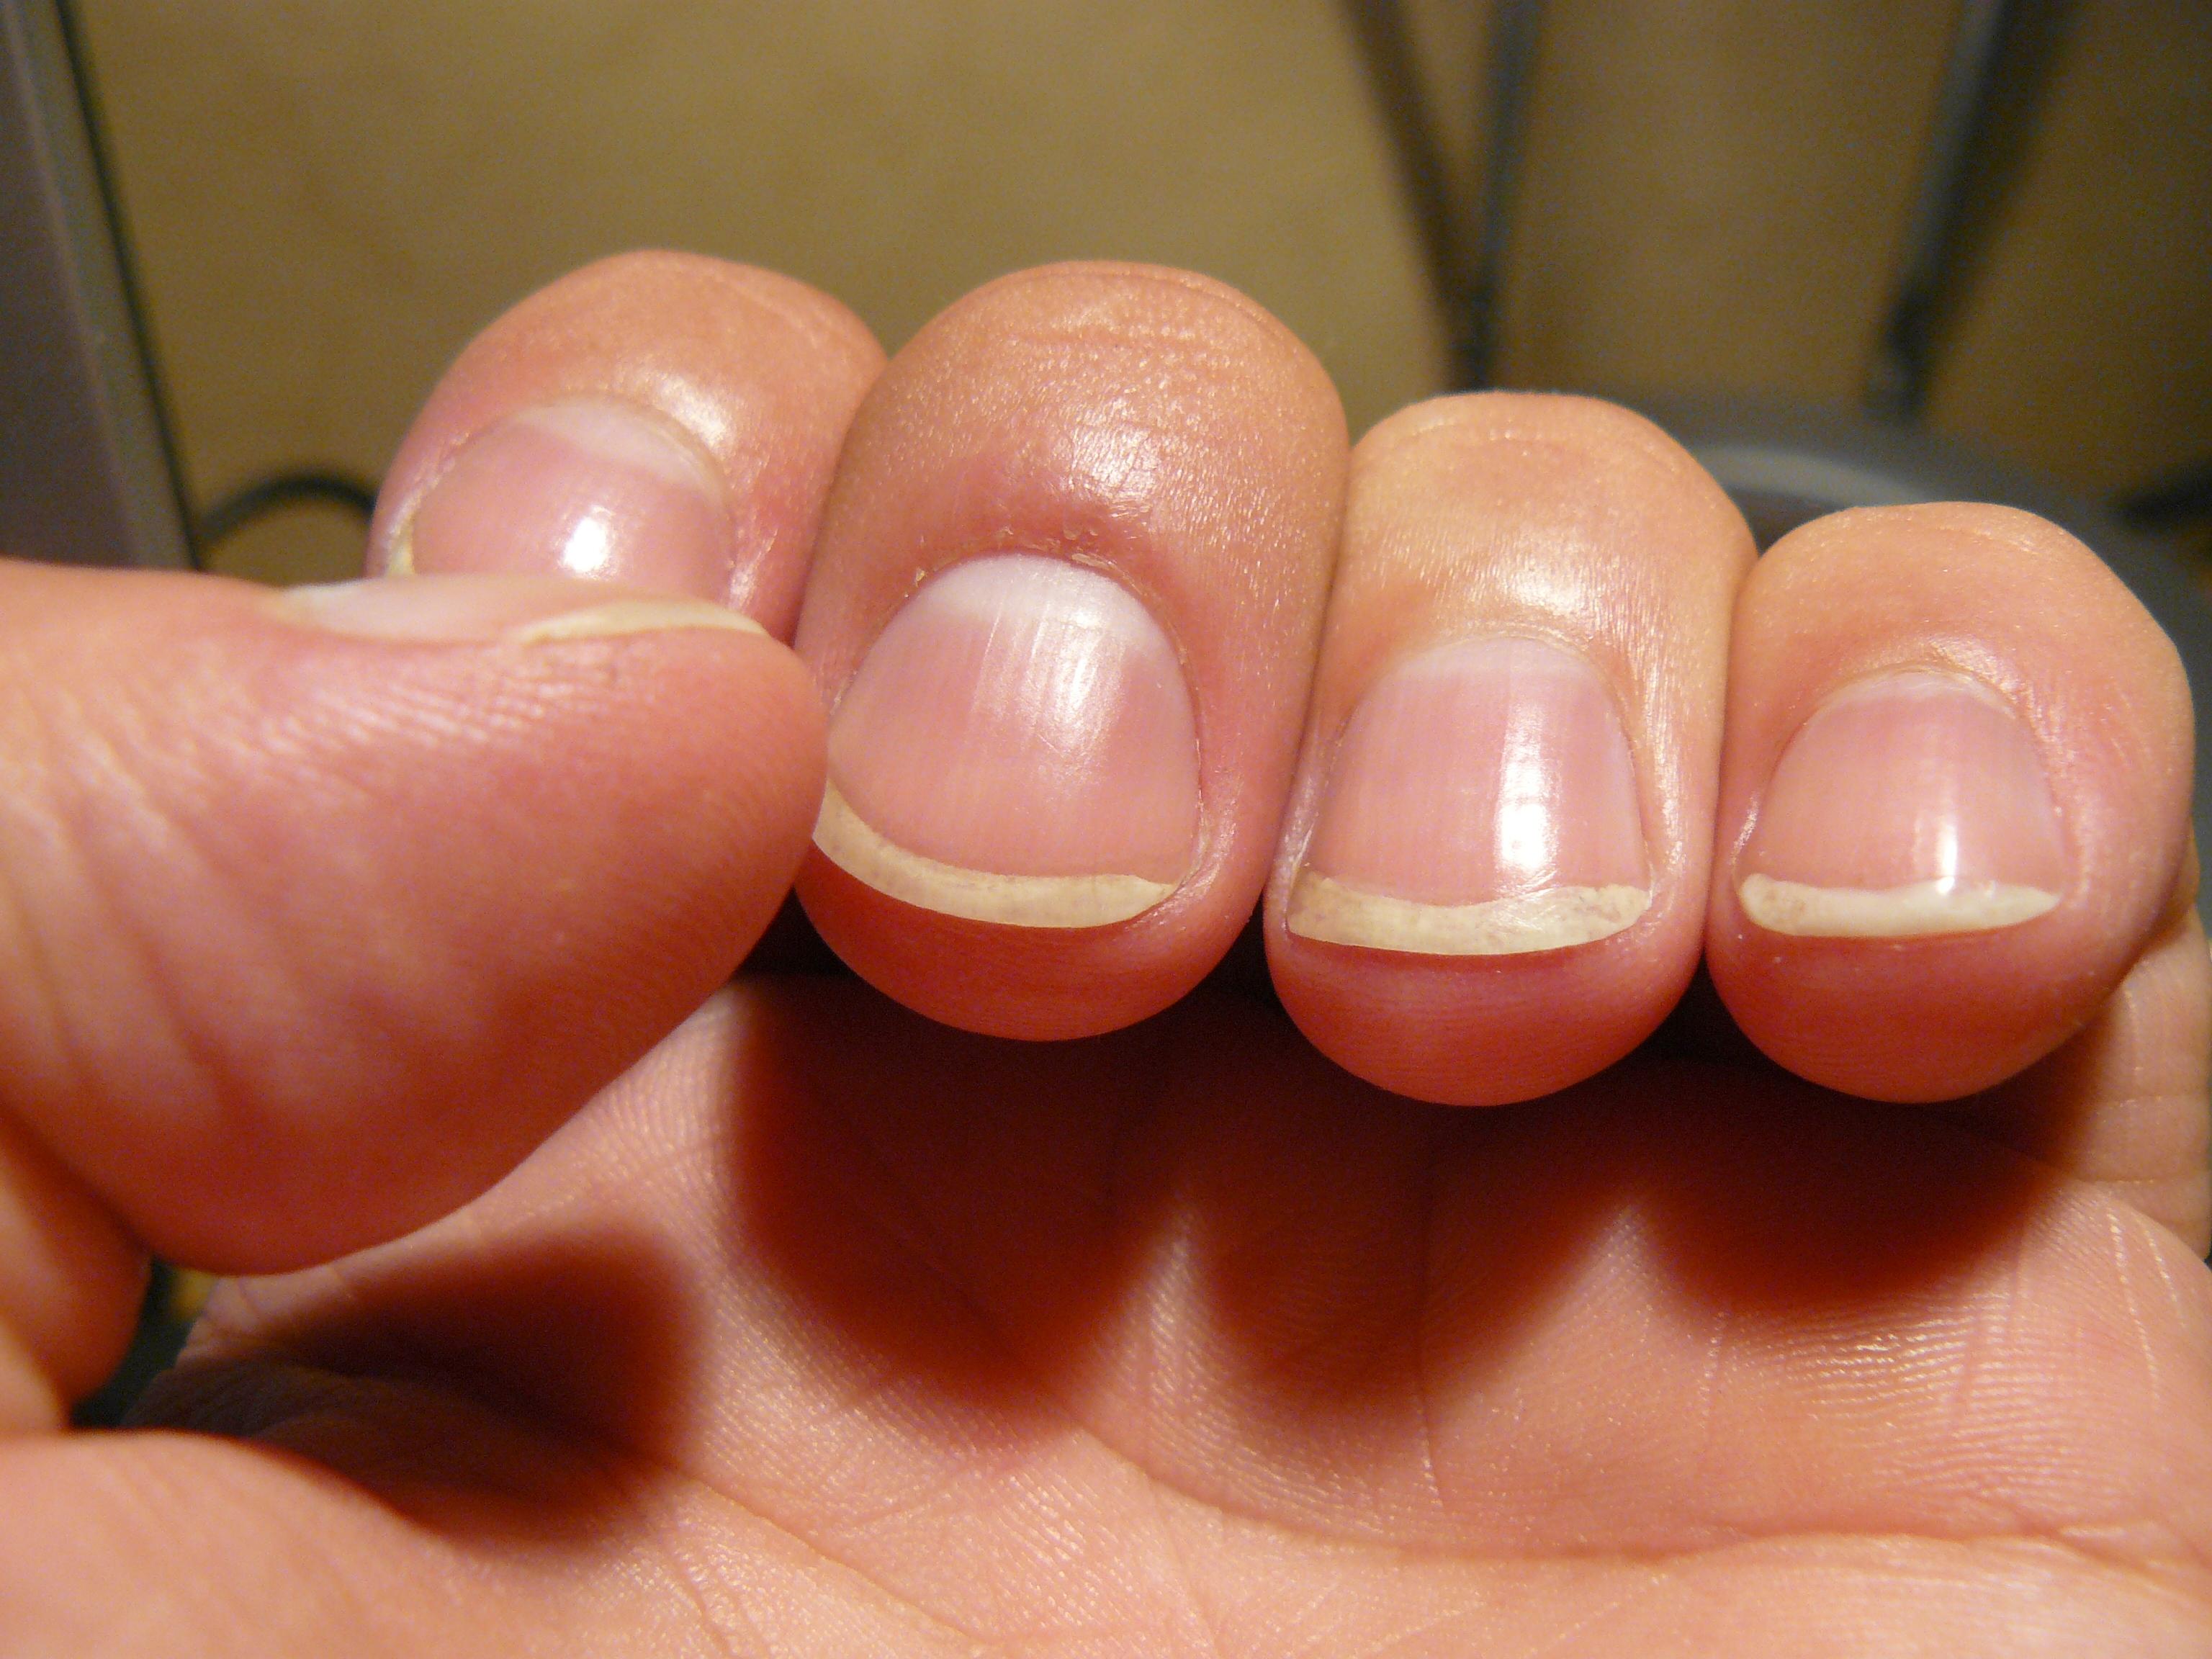 Les préparations contre le microorganisme végétal sur les ongles